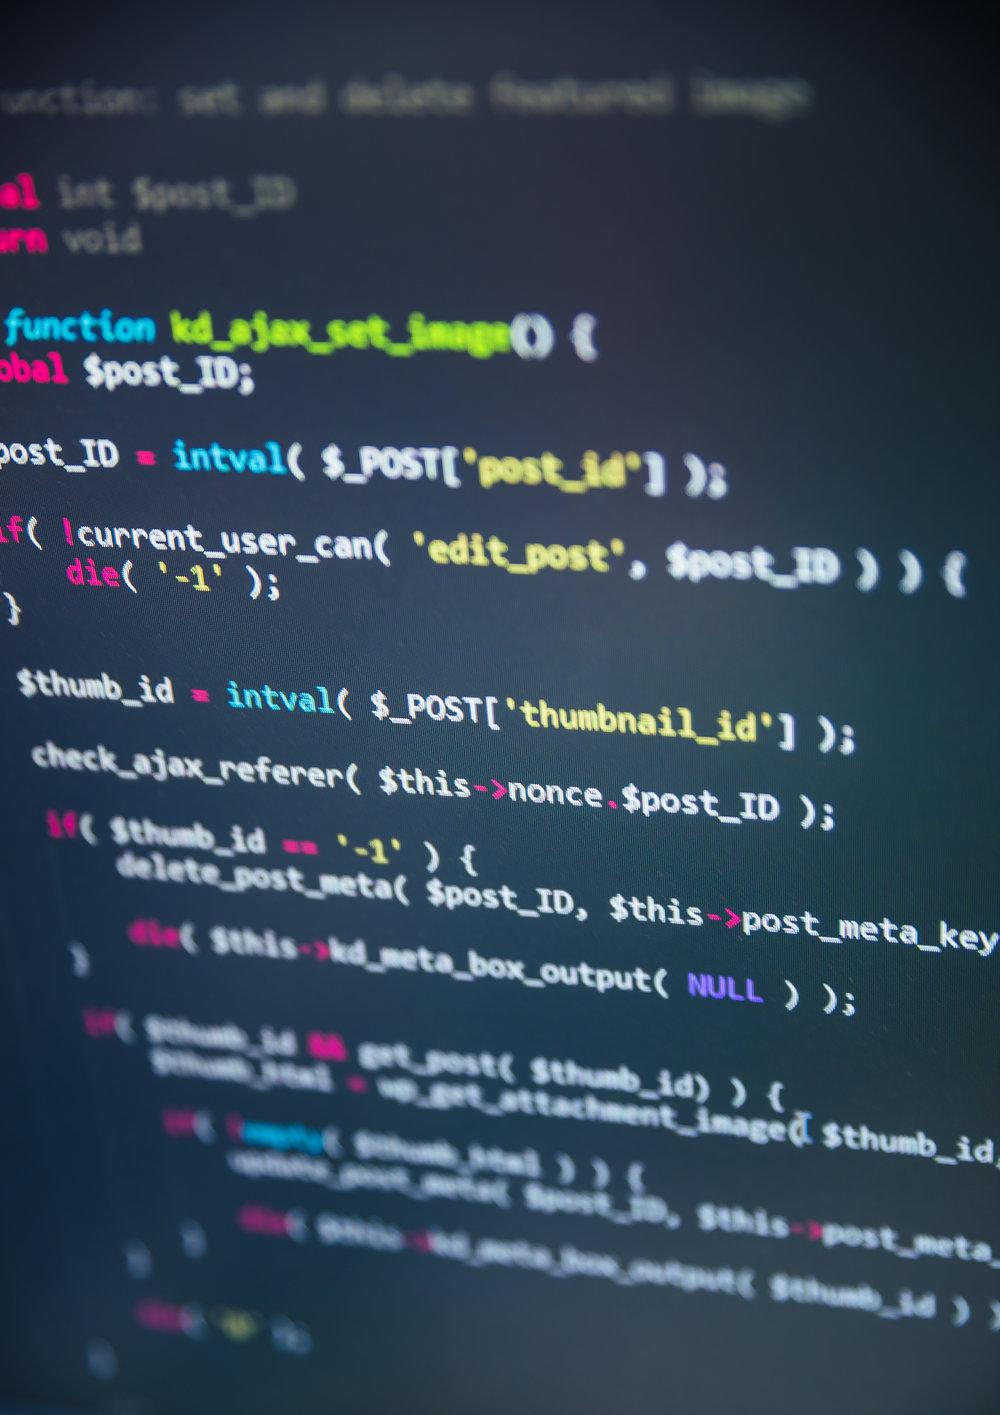 Entwicklung - Um die Bits und Bytes brauchen Sie sich nicht kümmern. Wir entwickeln mit den modernsten Technologien auf HTML5 und CSS Basis, gleichzeitig haben wir viel Erfahrung mit CMS (Content Managemtent Systemen) wie Wordpress, Squarespace und Typo3. Für Ihren Bedarf genau das Richtige!